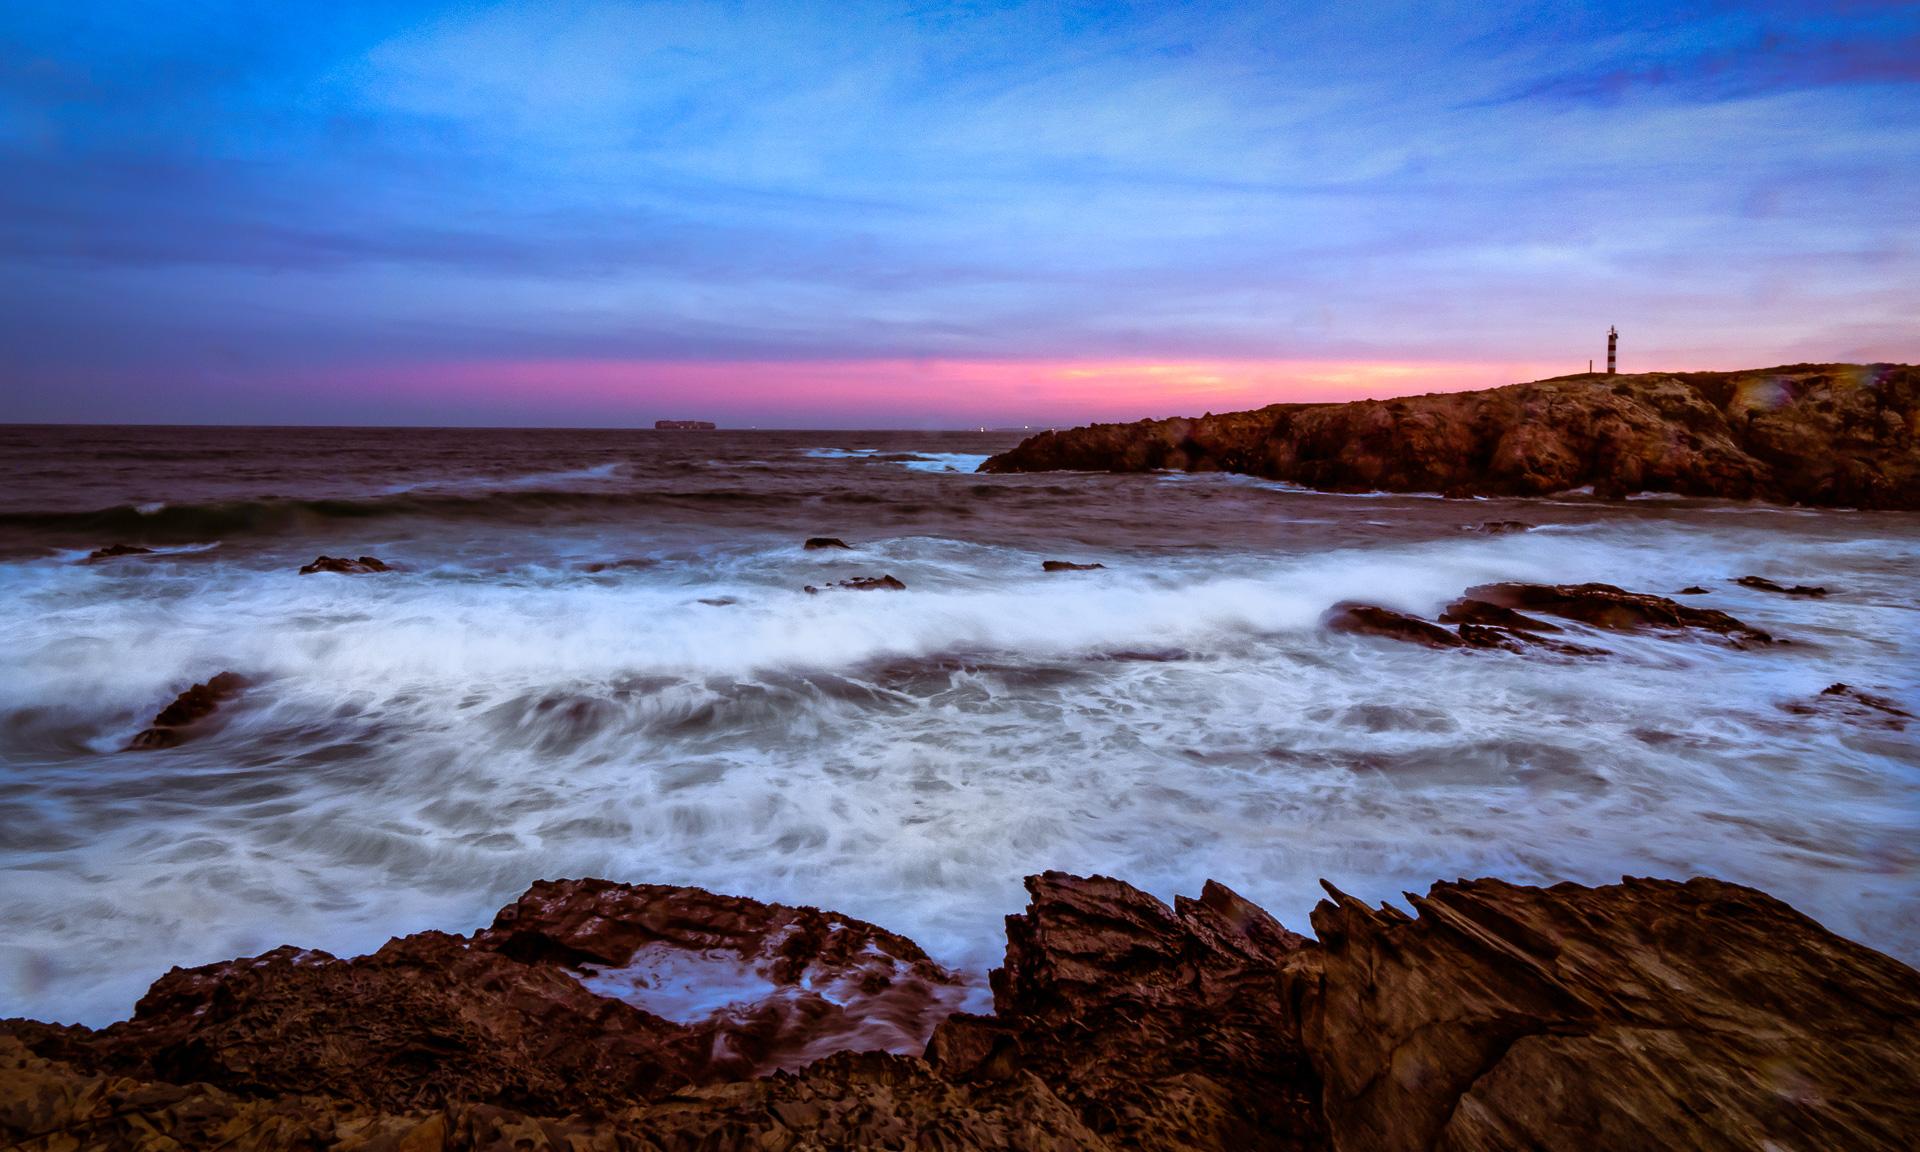 Sunrise, Porto Cove, Portugal